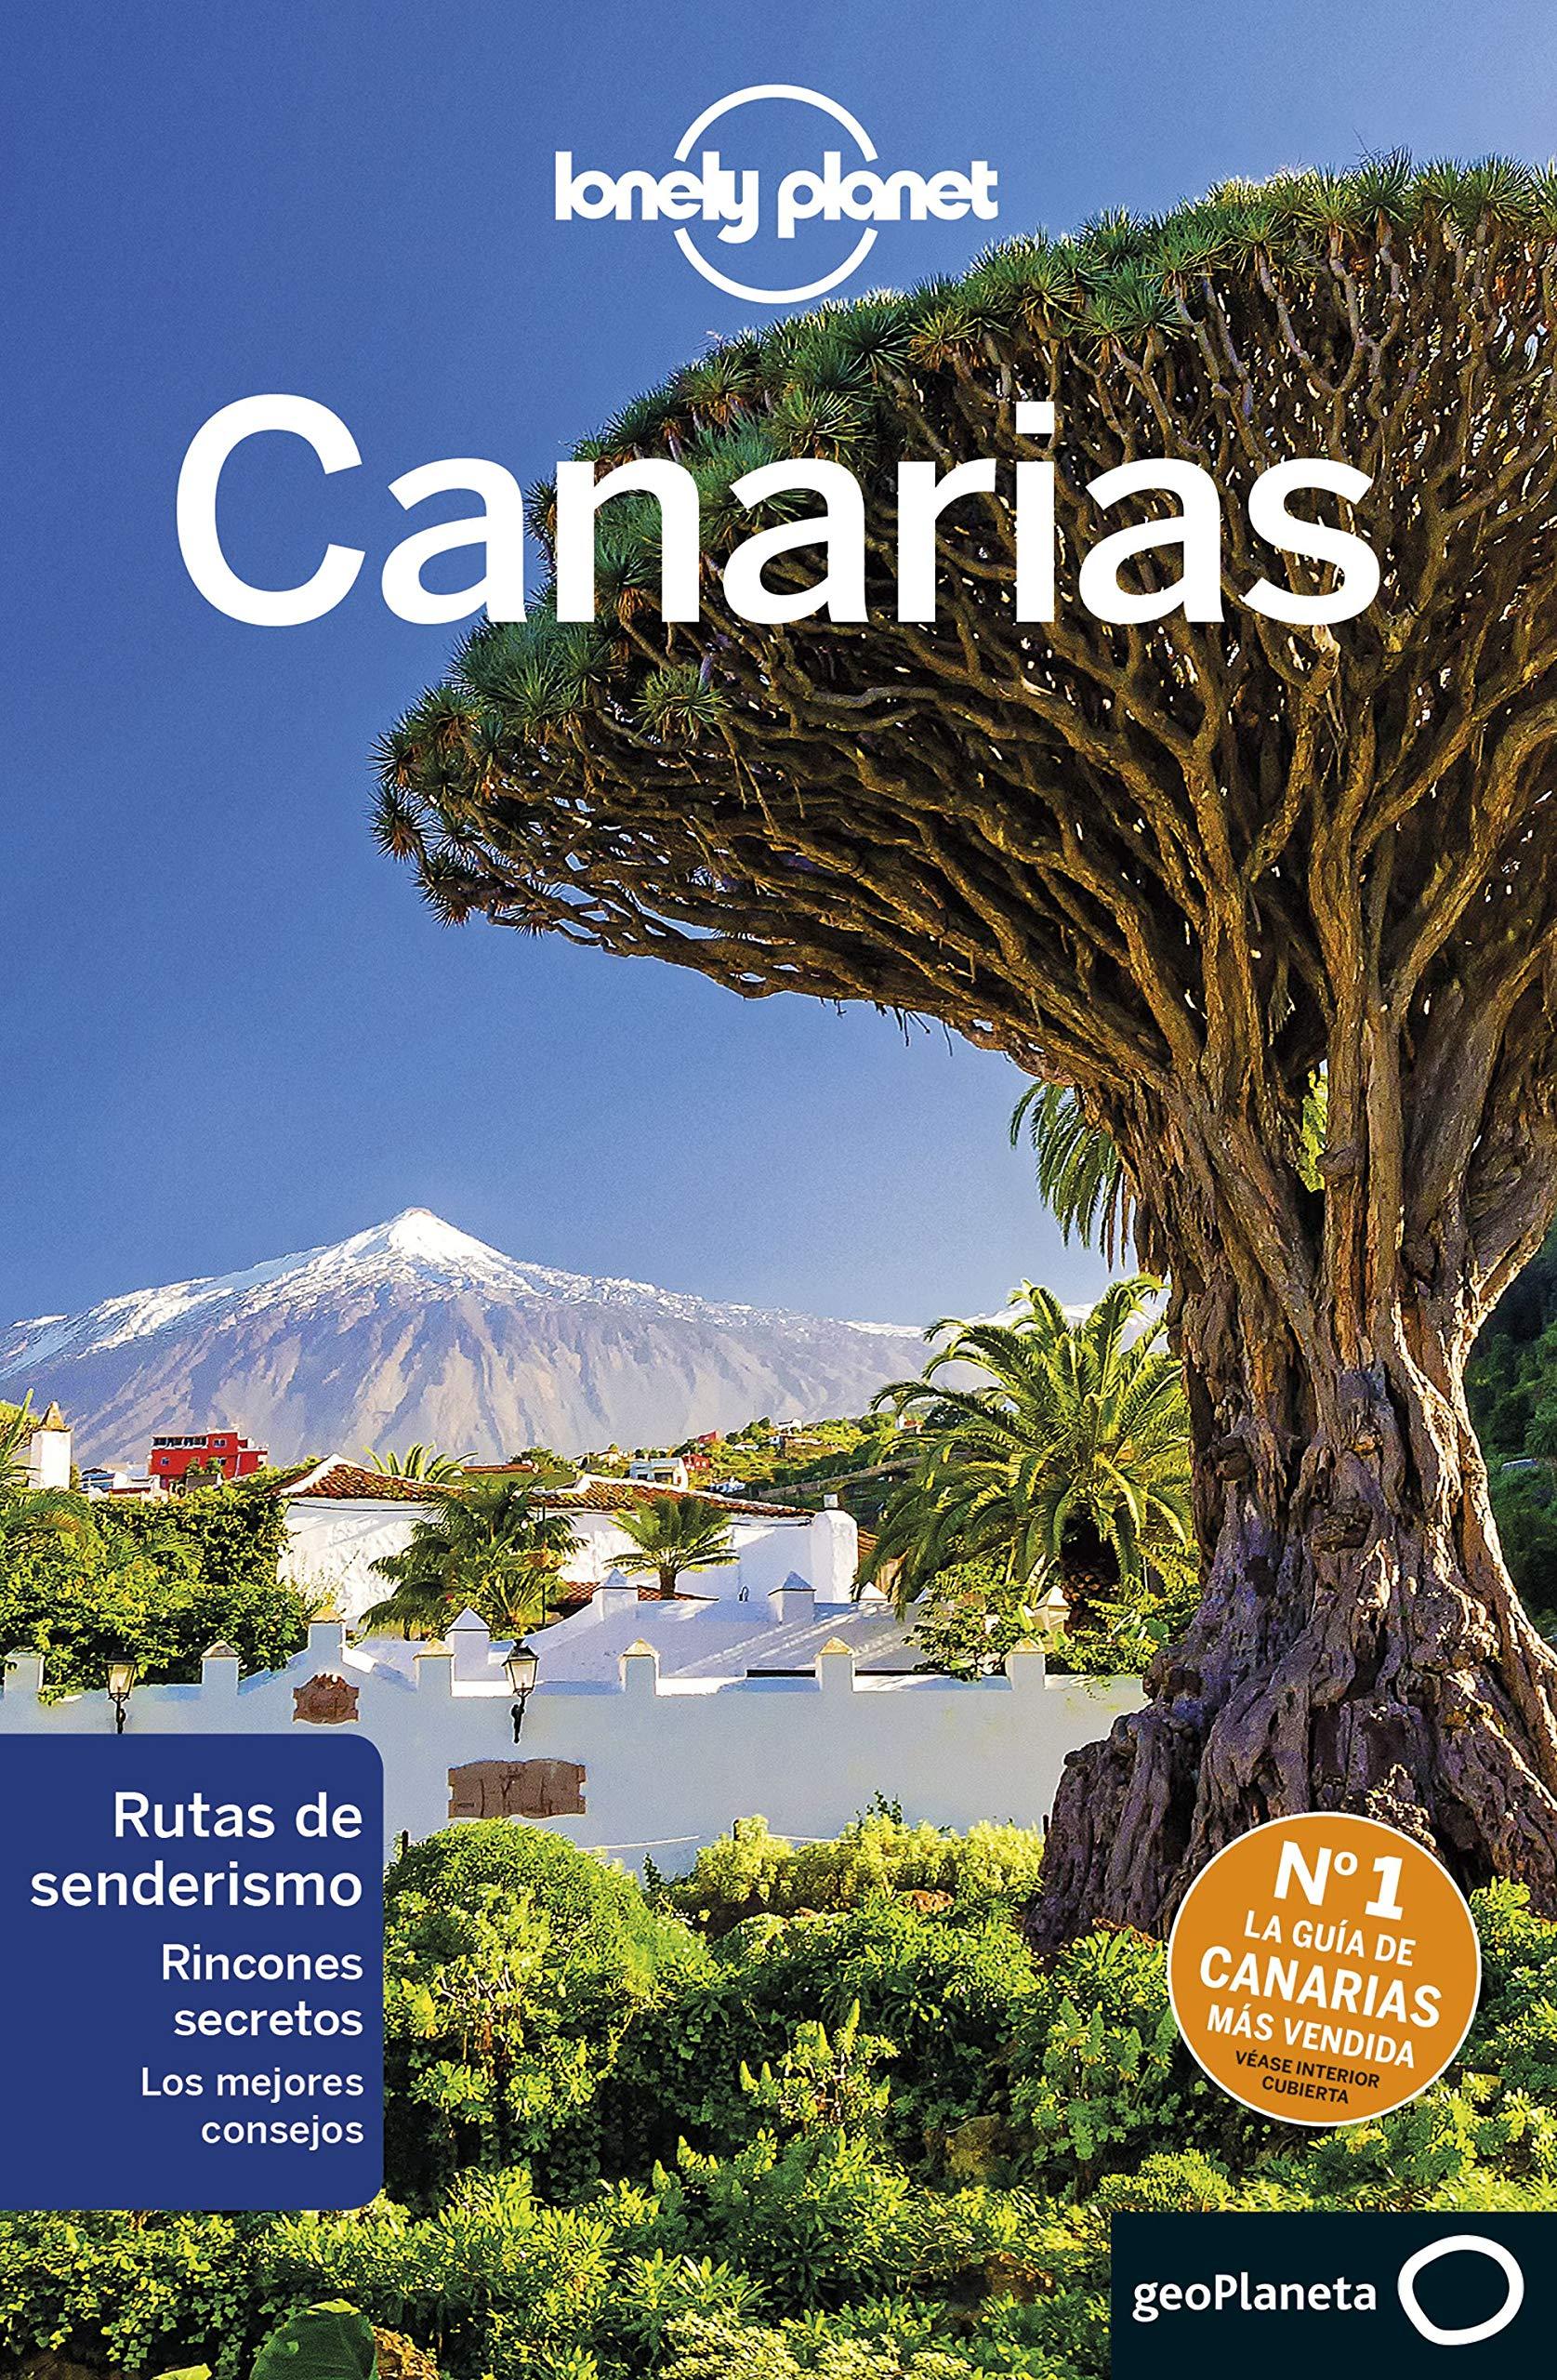 Canarias 3 (Guías de País Lonely Planet): Amazon.es: Noble, Isabella, Harper, Damian, García Barriuso, Elena, Cruz Santaella, Esther: Libros